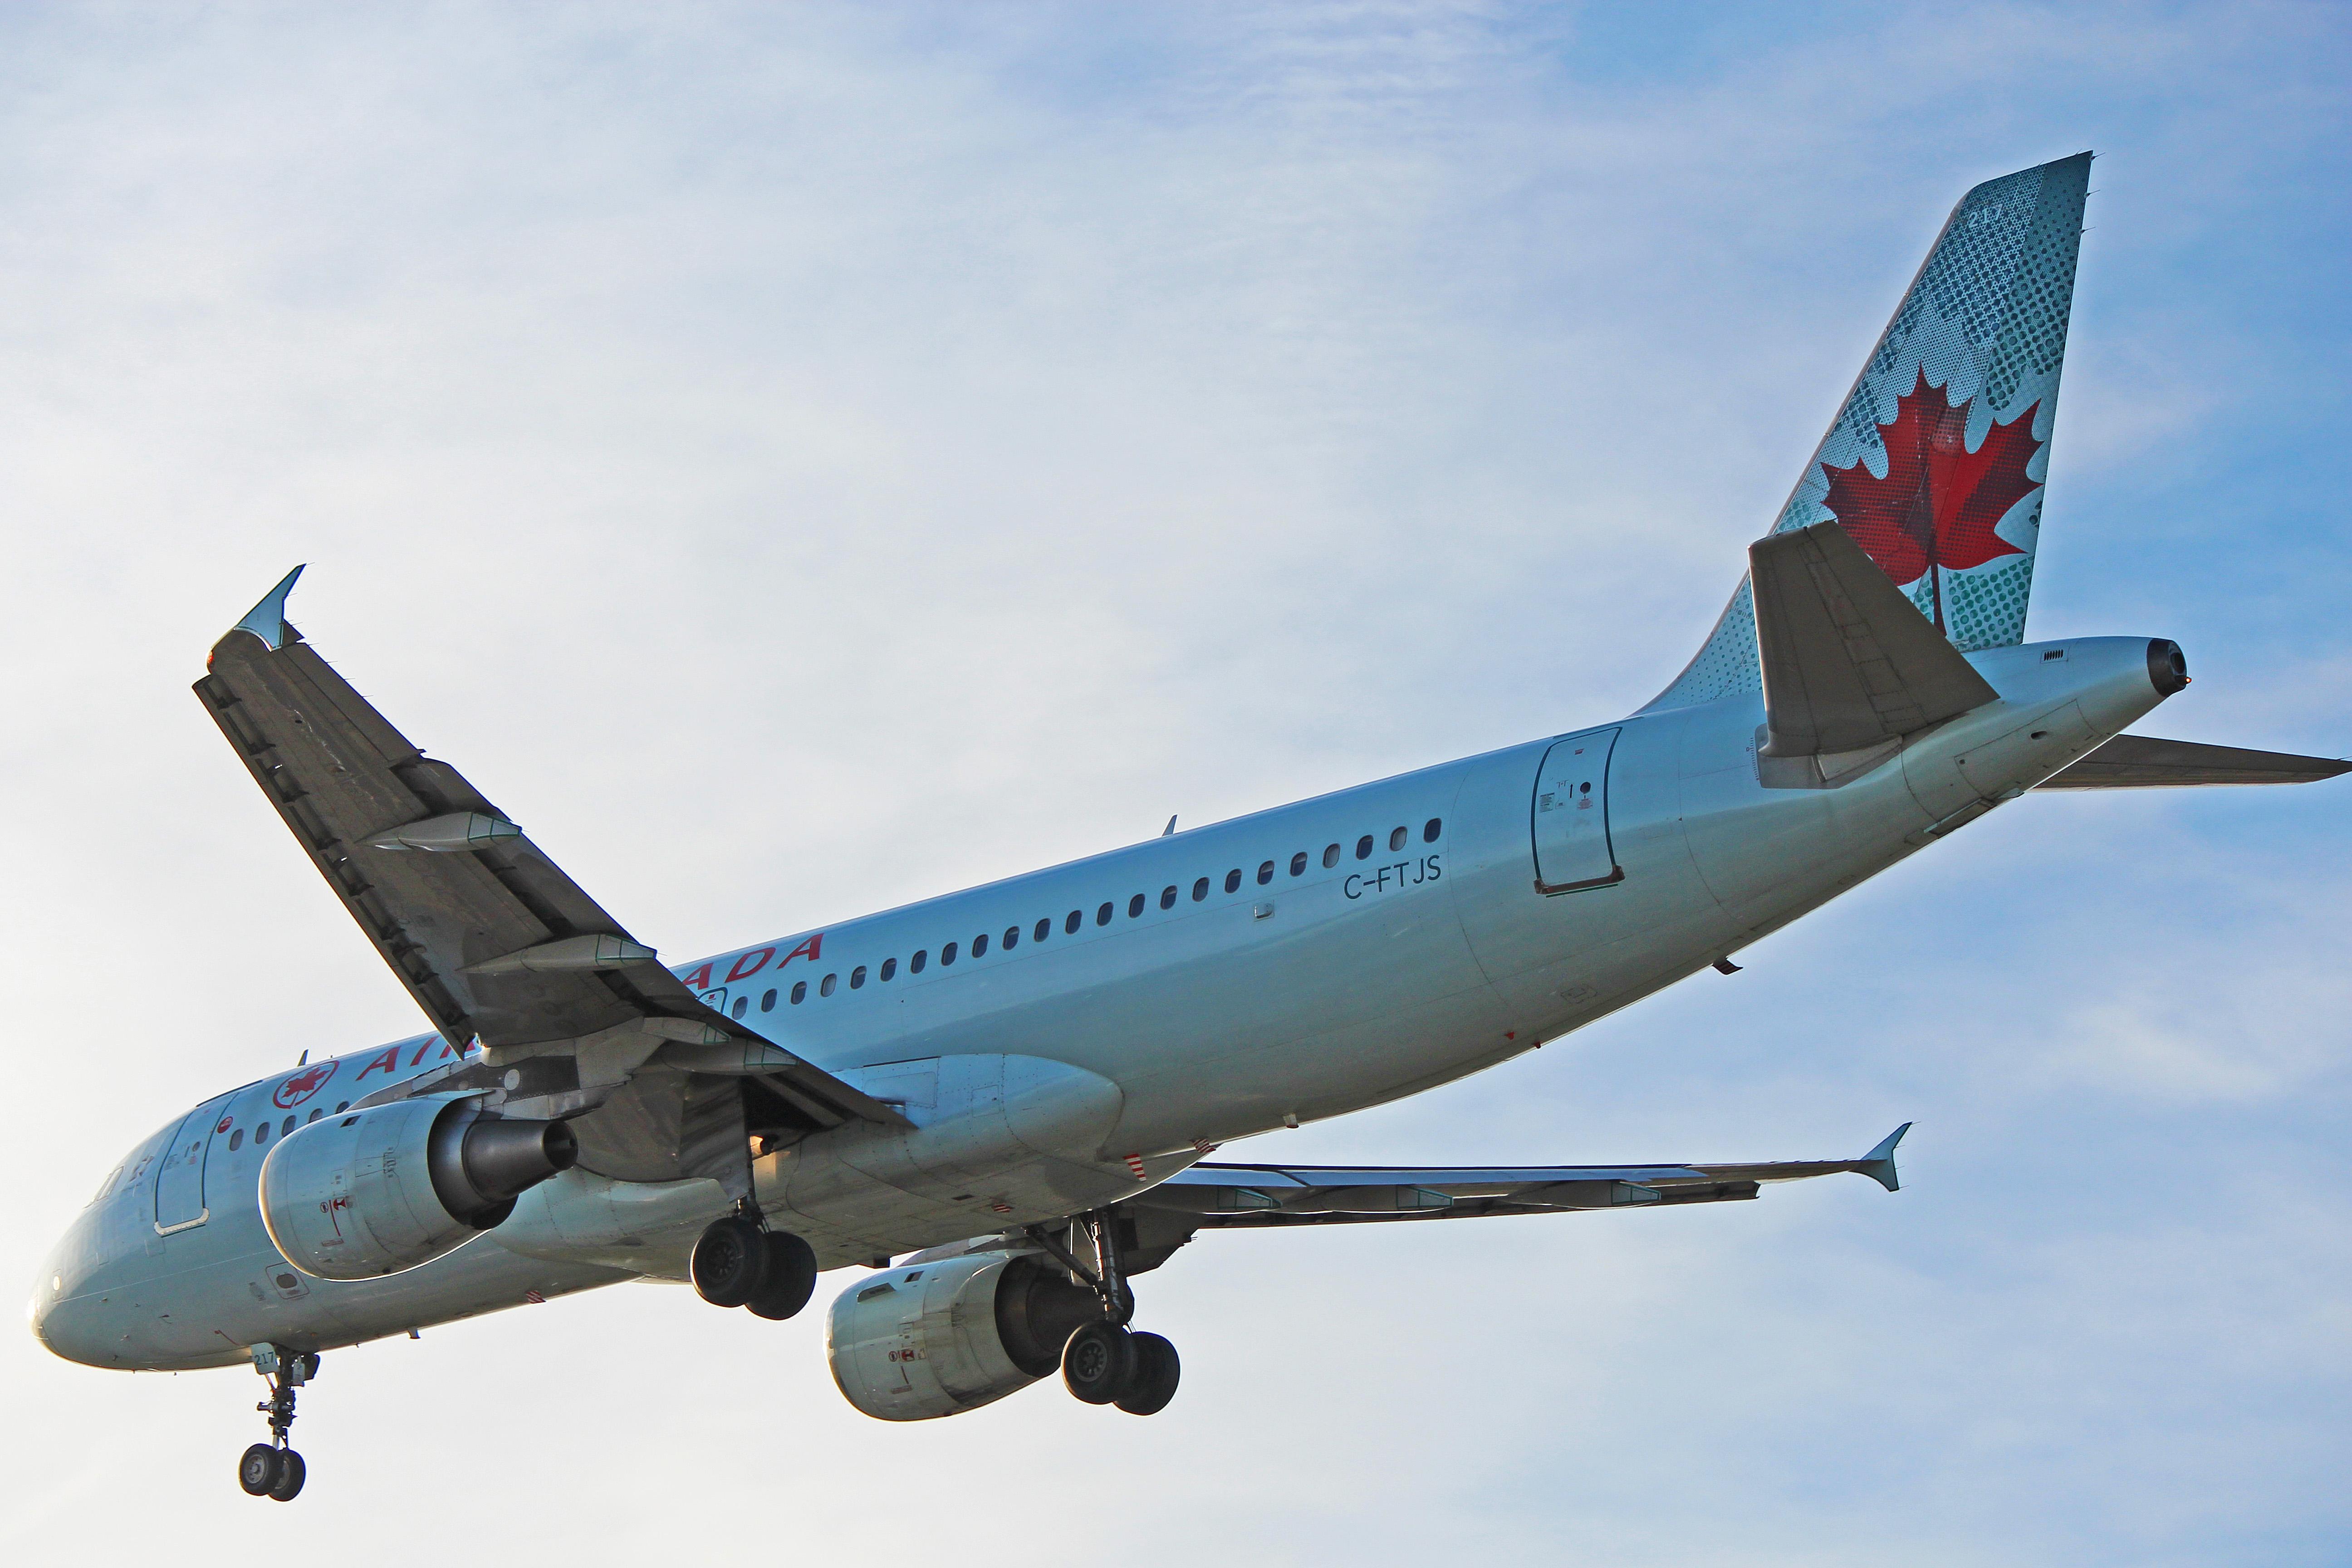 C-FTJS: Air Canada Airbus A320-200 (At Toronto Pearson - YYZ)